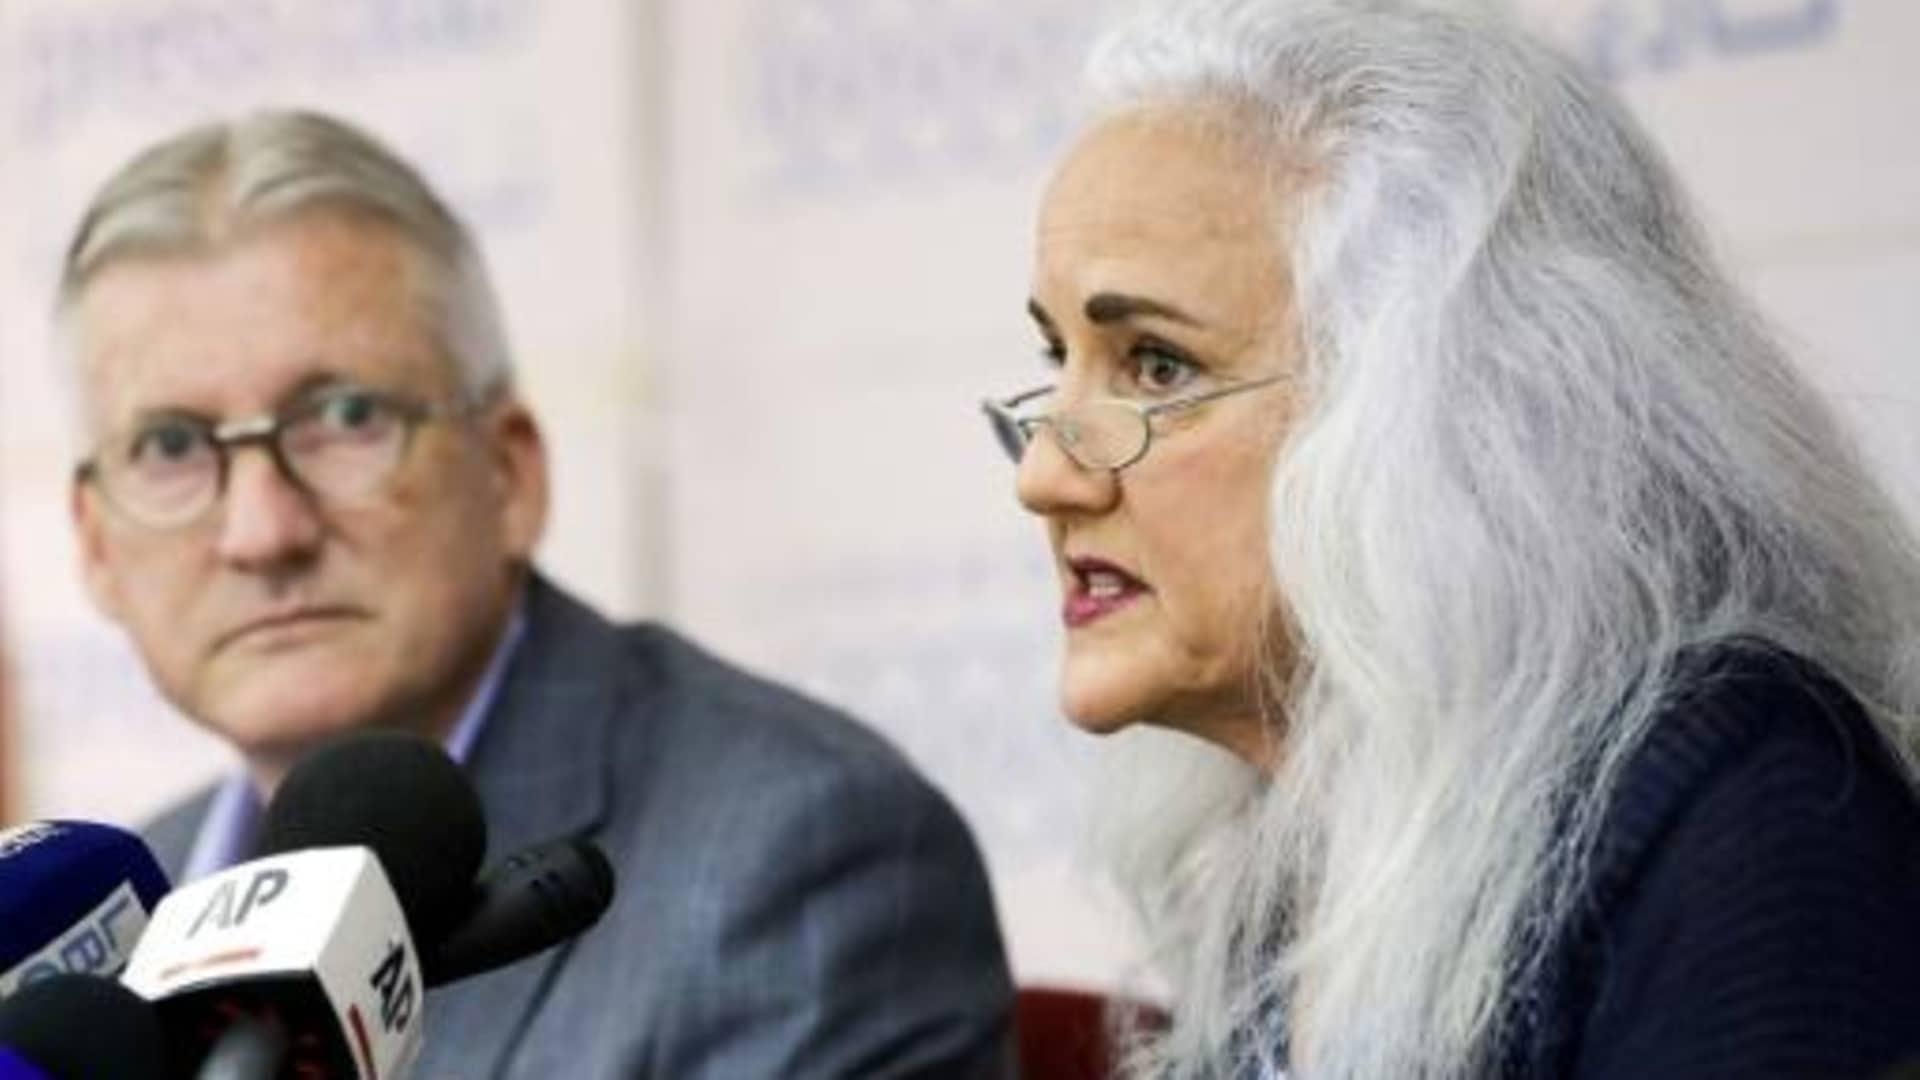 إدارة بايدن تعمل على استعادة الصحفي أوستن تايس الذي يعتقله الأسد منذ 2012